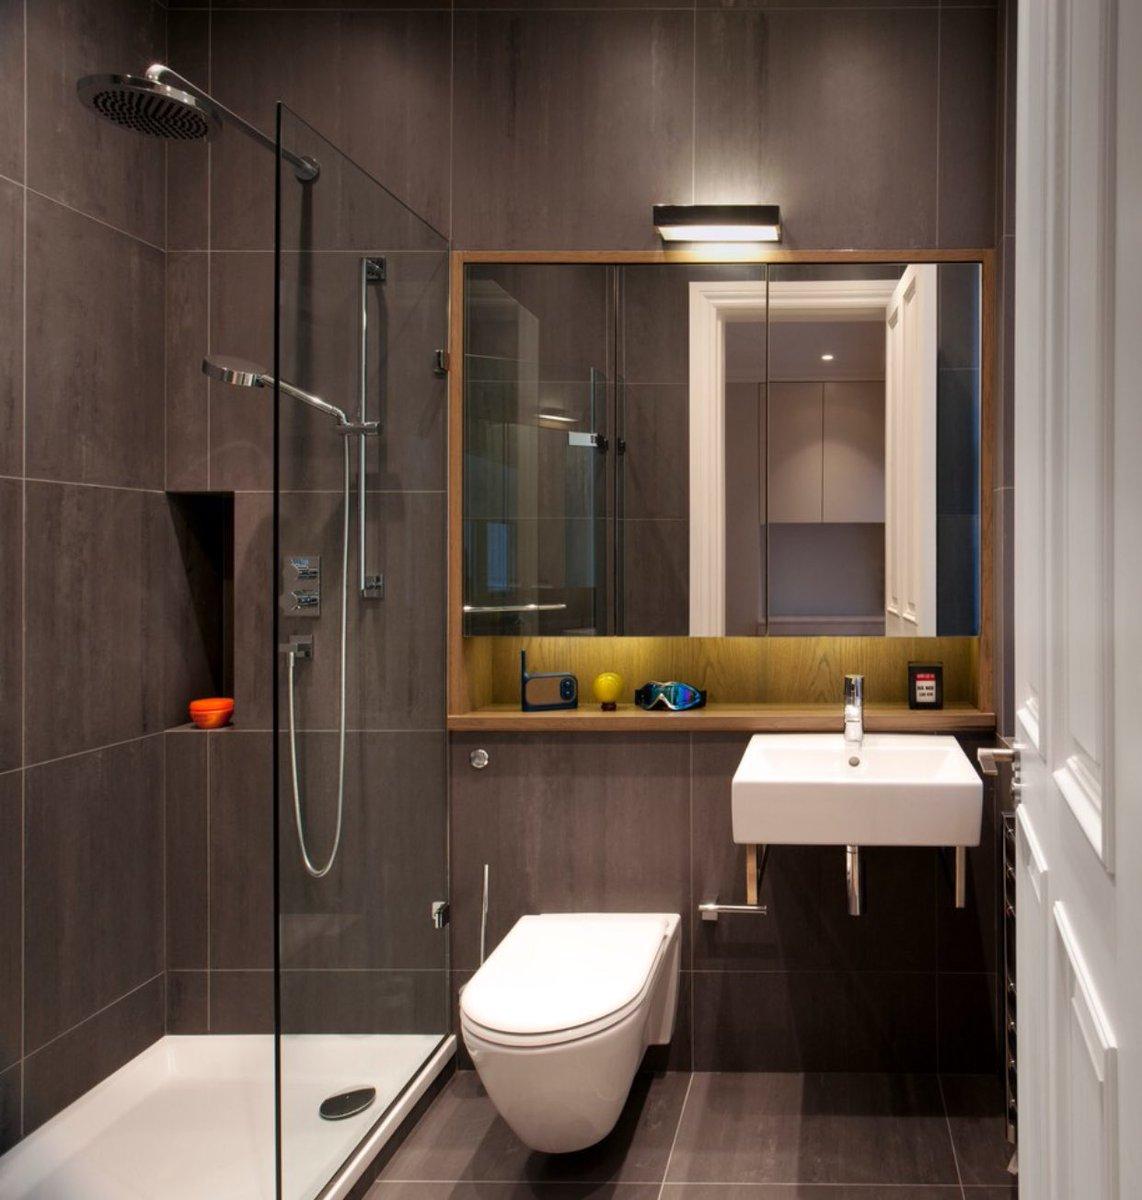 صورة تصاميم حمامات , شاهد احدث تصاميم الحمامات العصرية 1934 1